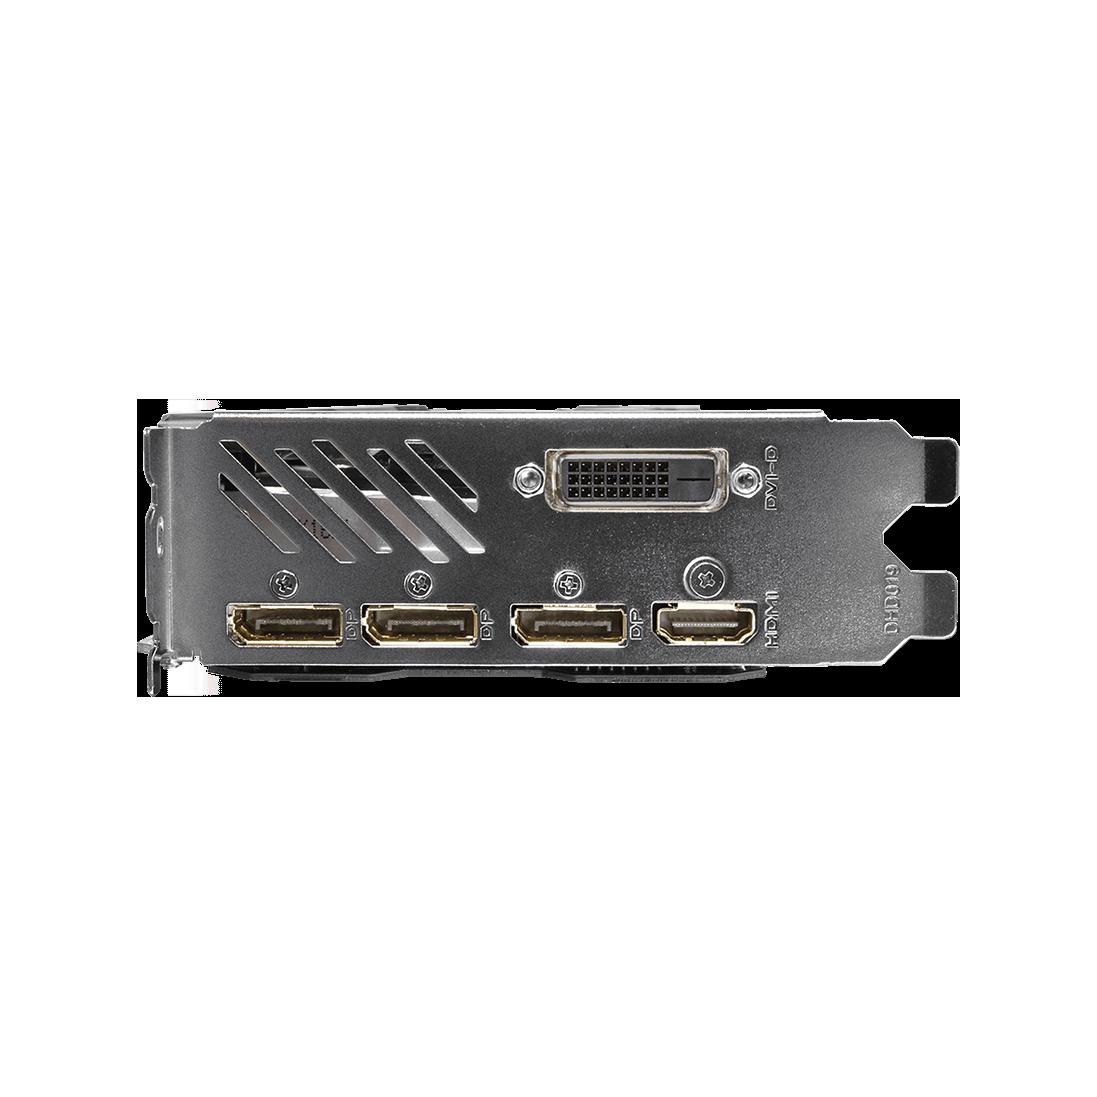 GIGABYTE GV-N1060WF3OC-6GD Port